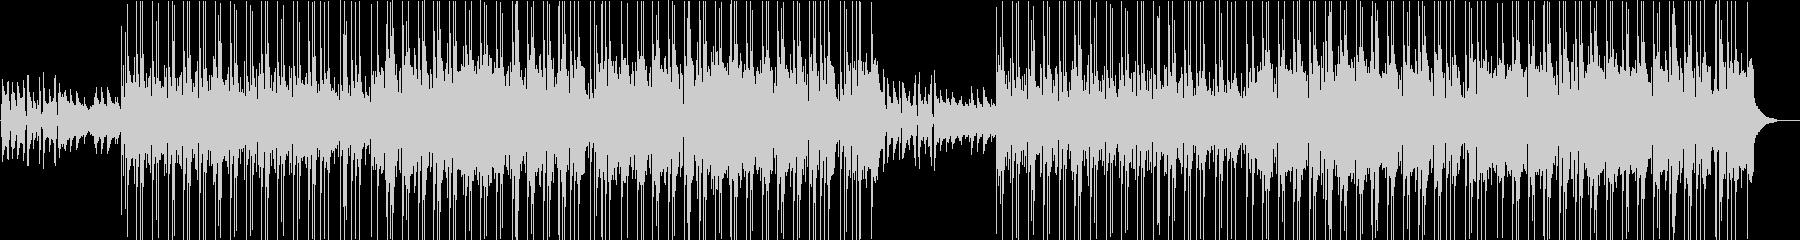 ピアノとギター中心のほのぼのボサノバ風の未再生の波形